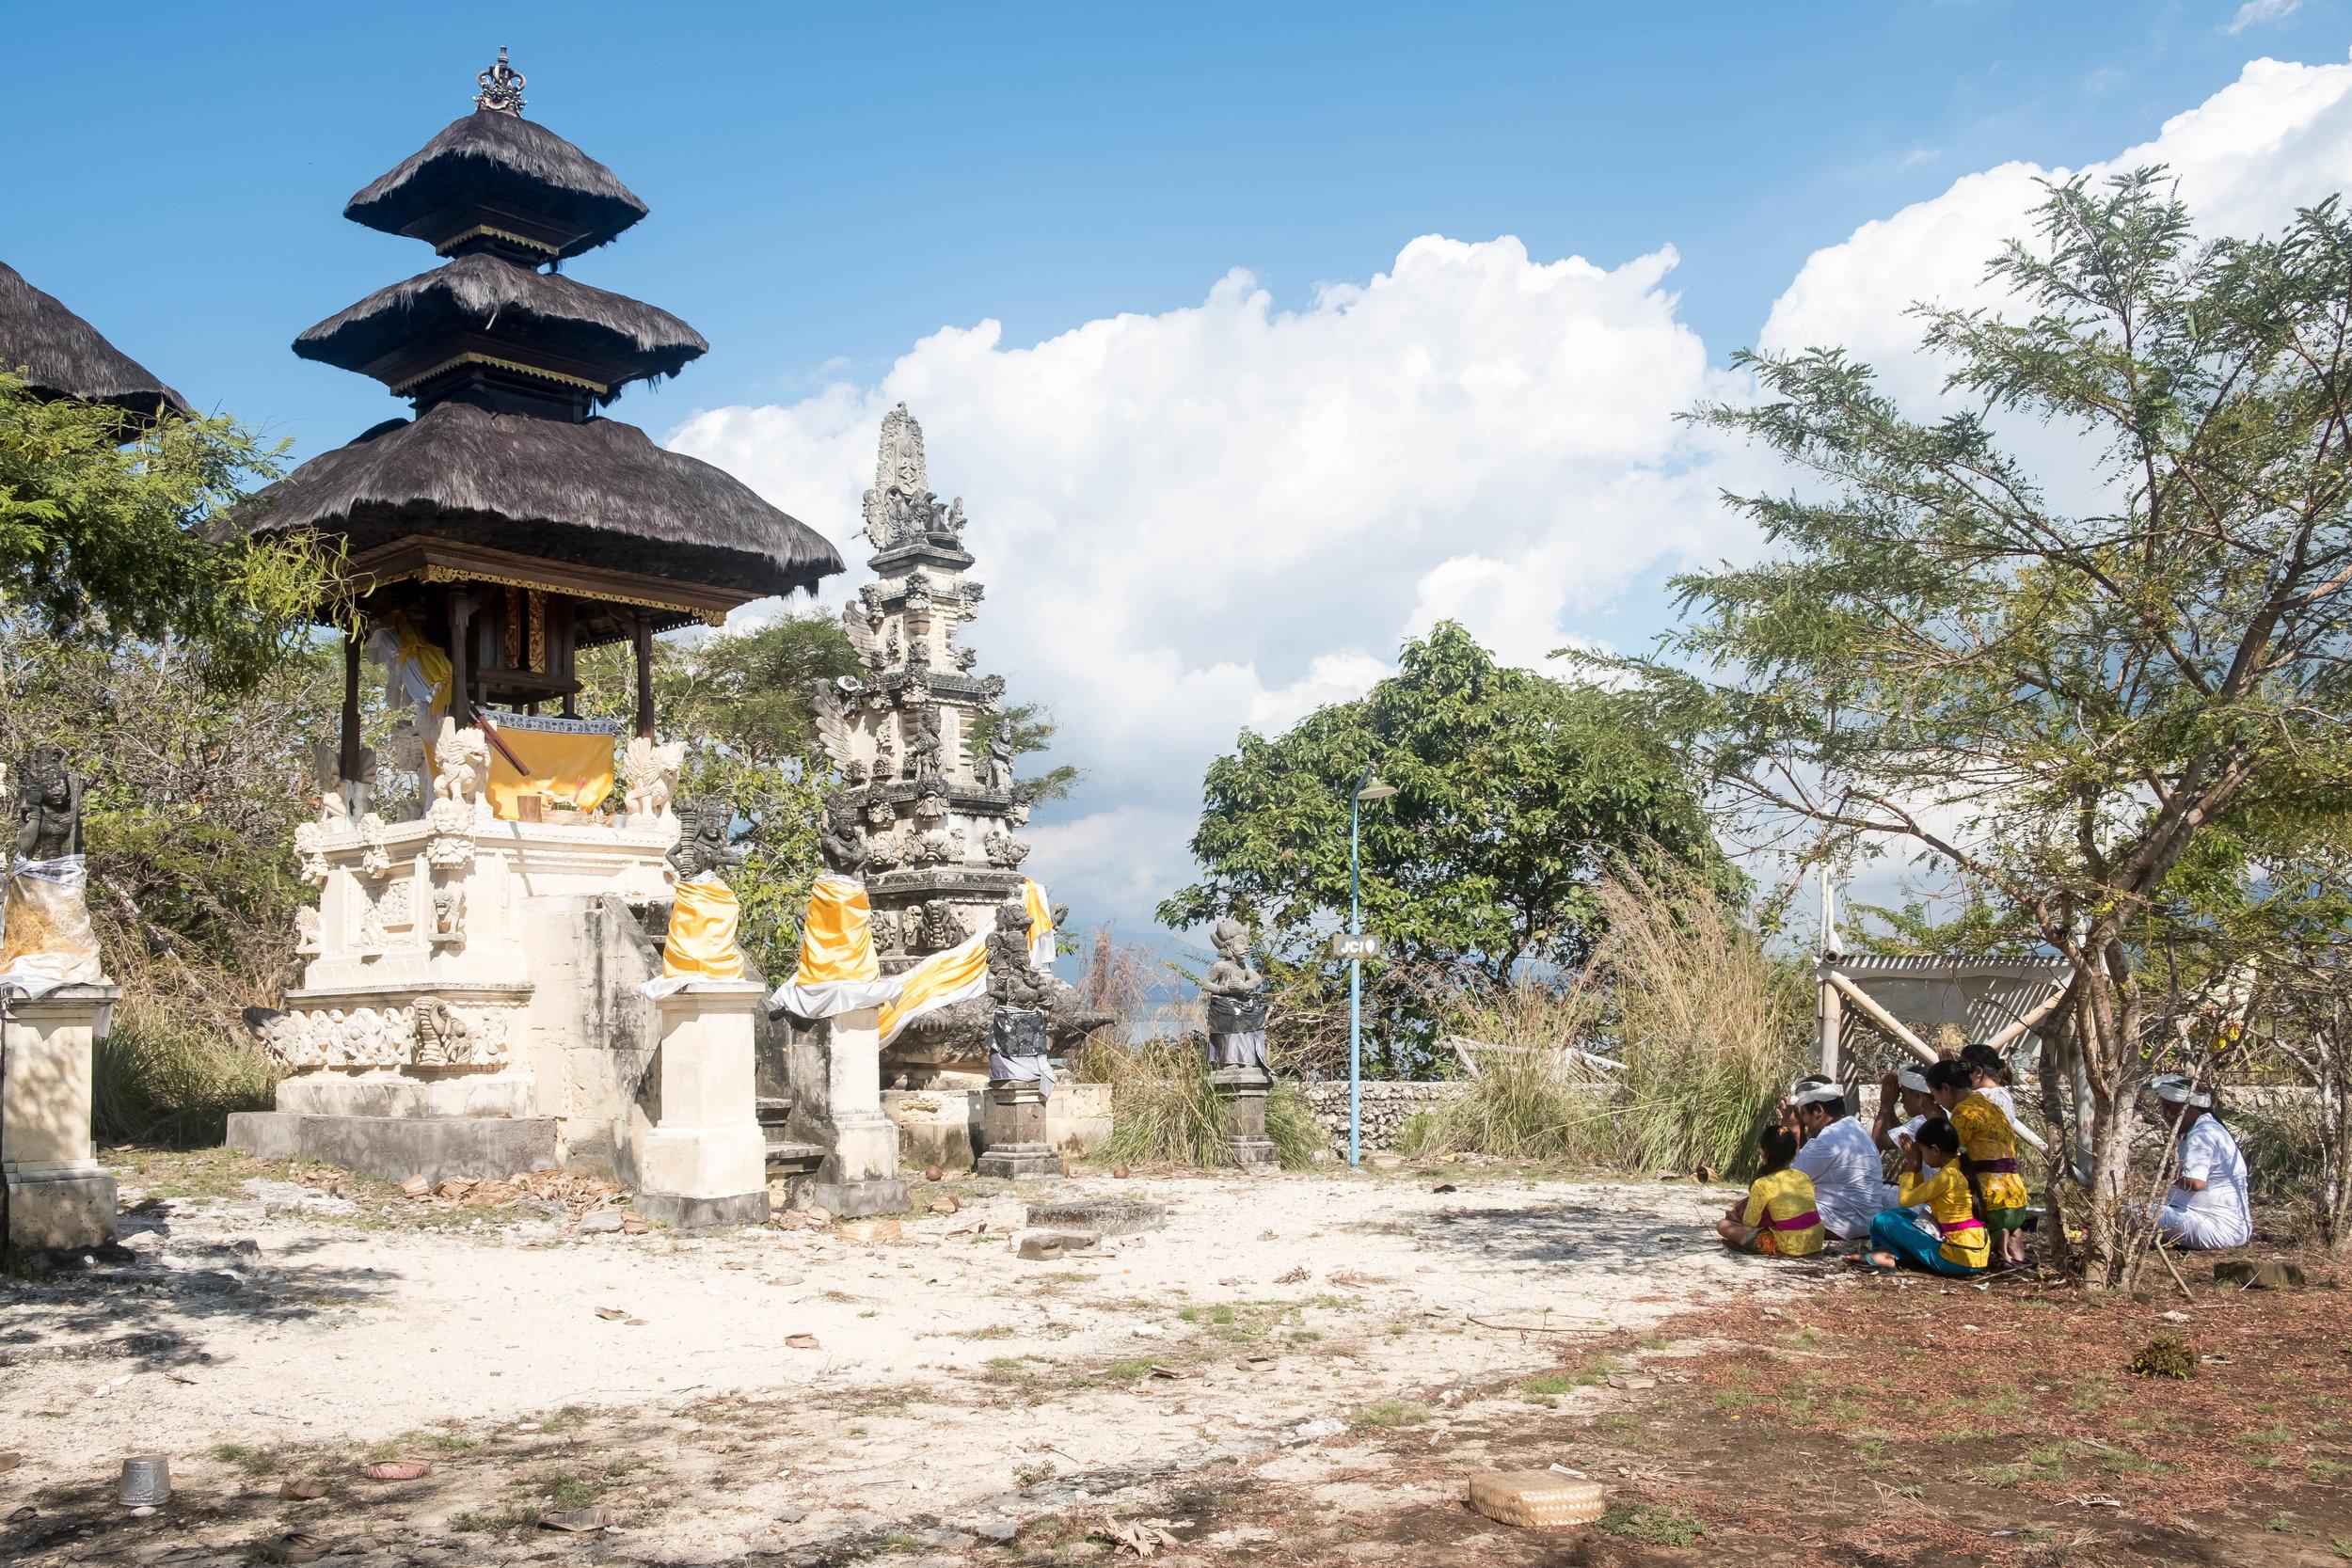 Balinese family praying